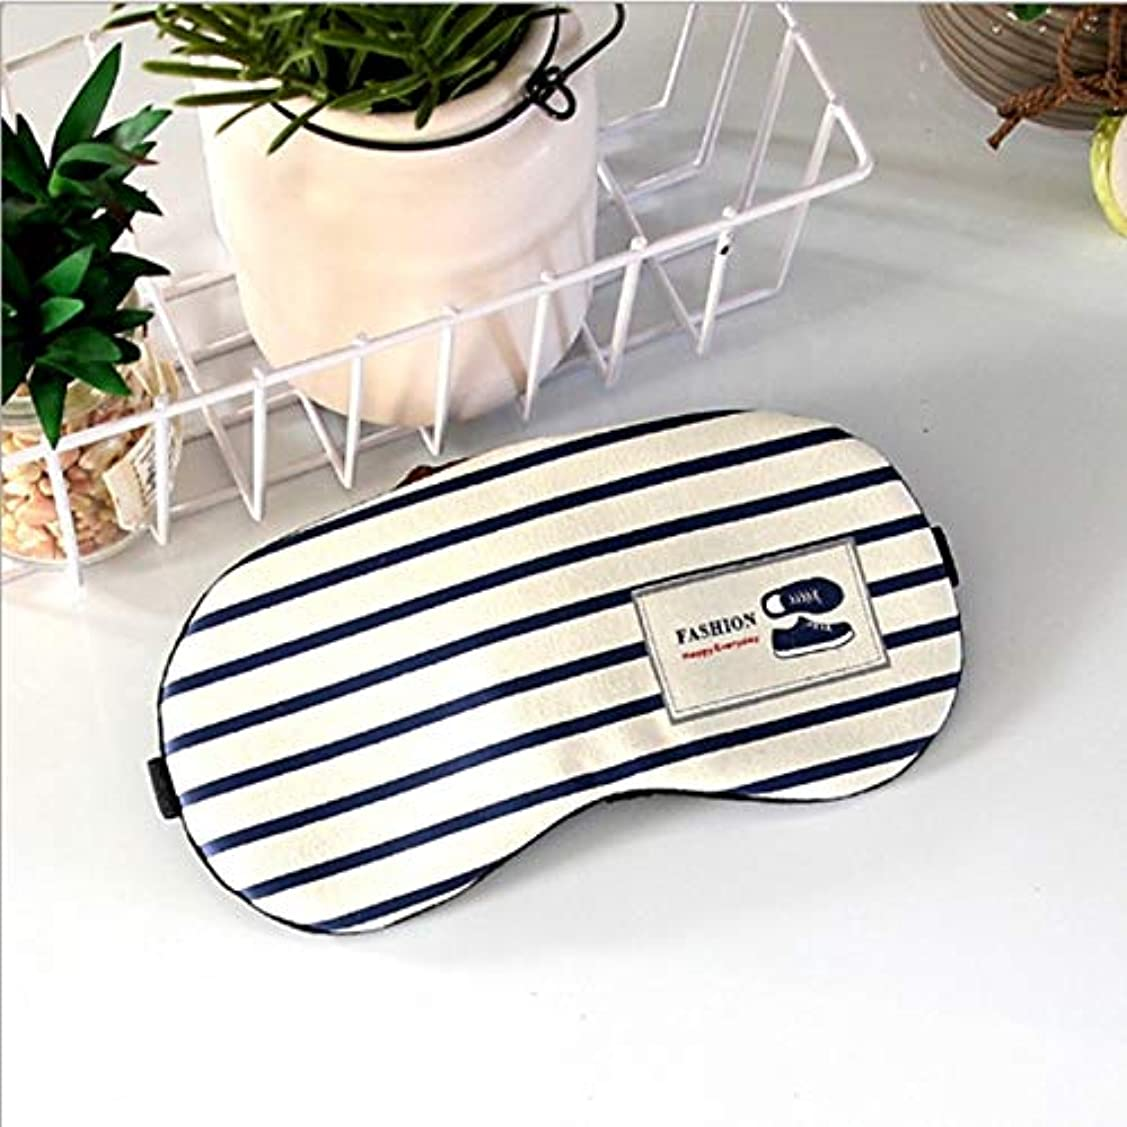 禁止する技術的なおとこNOTE ソフトアイスリーピングマスクカバーアイパッチファッションストライプスタイルアイアンビエントライトクリエイティブ旅行リラックス睡眠補助MP0095